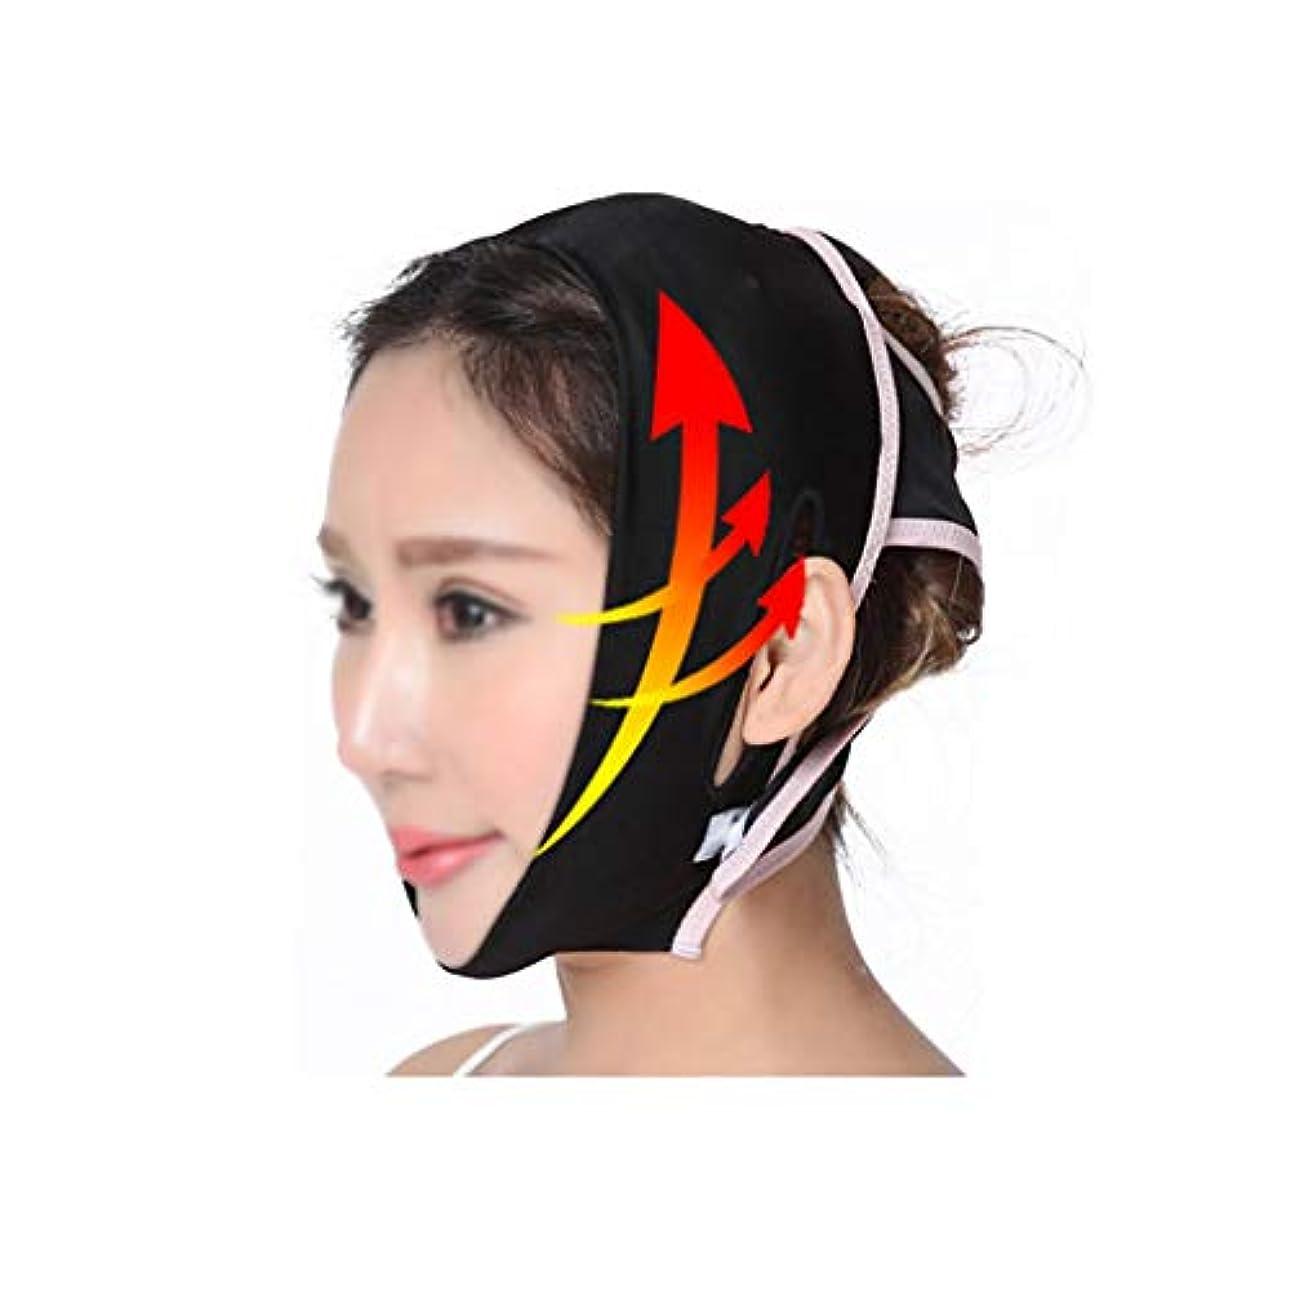 伝導雇用者リムGLJJQMY 薄い顔のマスクのマスクの睡眠の顔のプラスチック顔の包帯の顔の持ち上がるVの表面のアーチファクトの回復 ネックバンド 顔用整形マスク (Size : L)